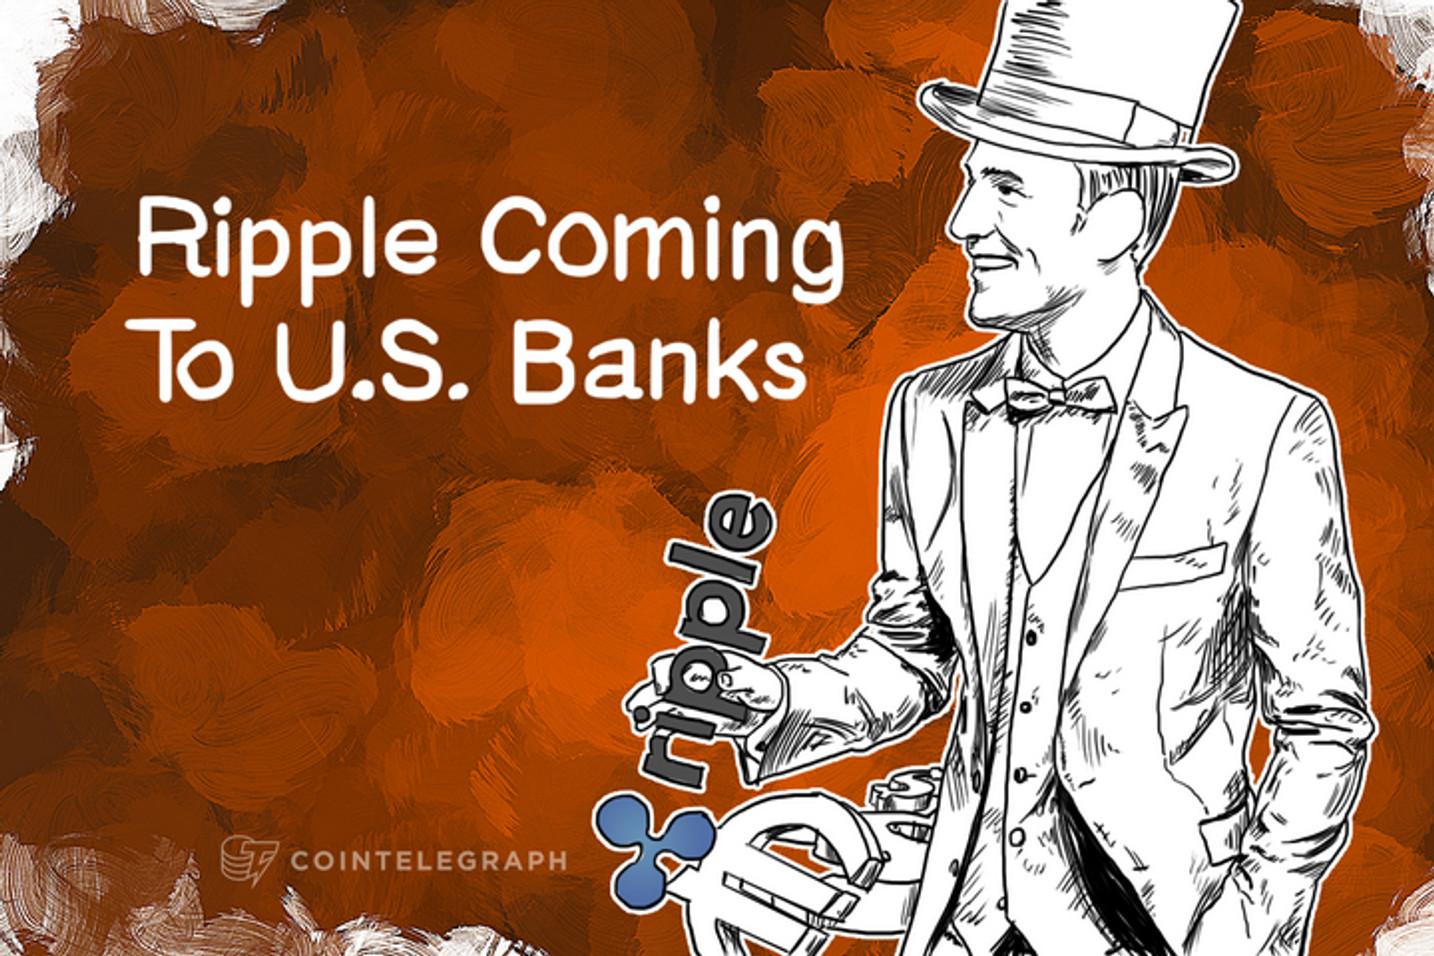 Ripple Coming To U.S. Banks